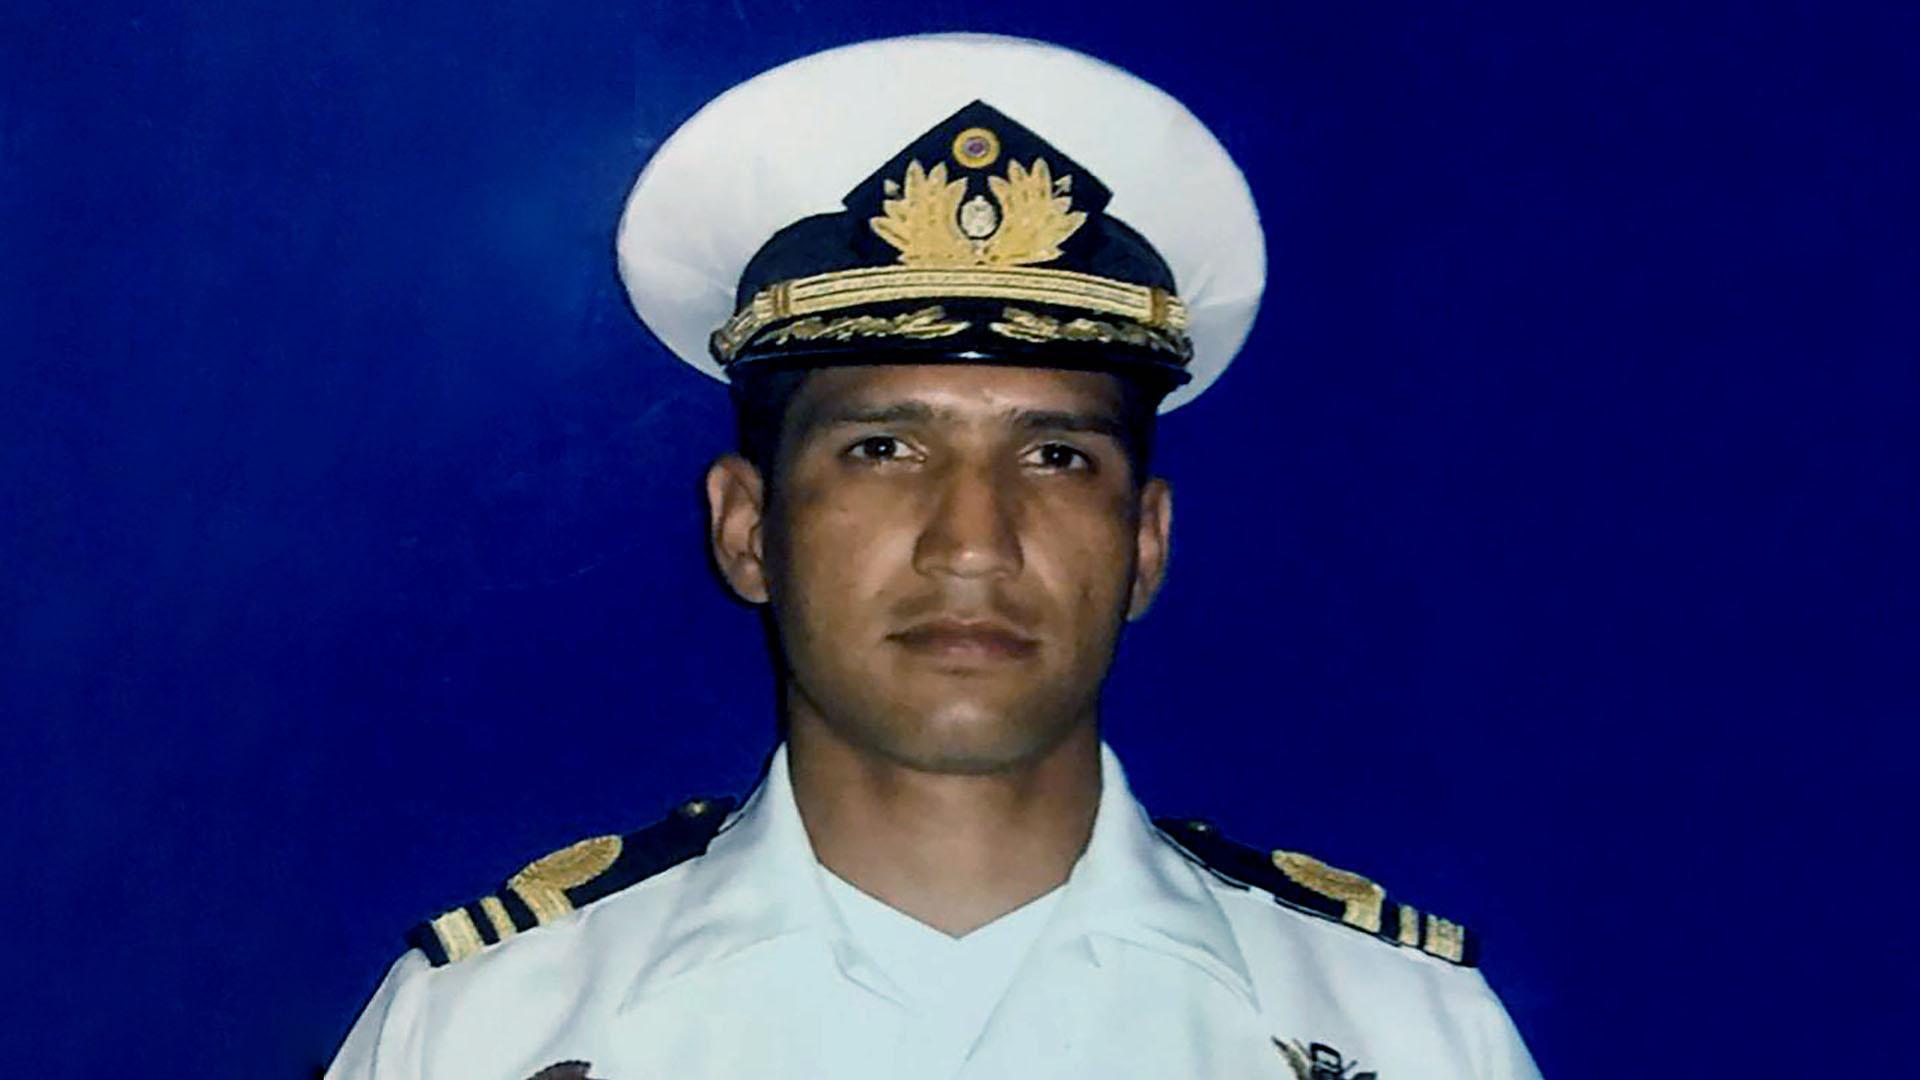 A un año de su muerte: familia del capitán Acosta Arévalo exige justicia